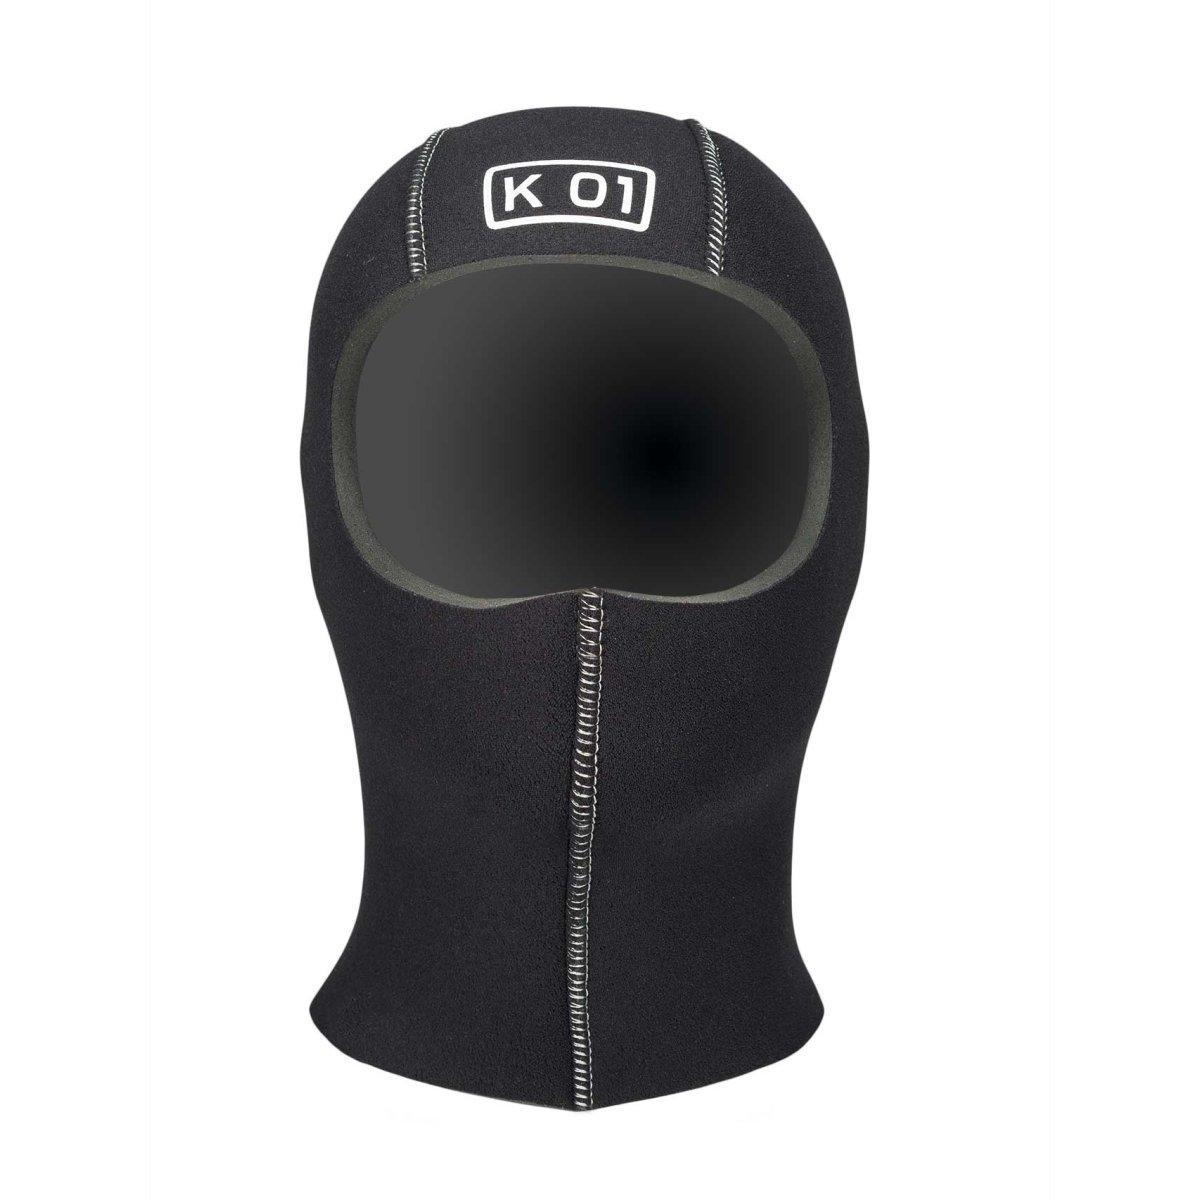 K 01 il miglior cappuccio tecnico subacqueo